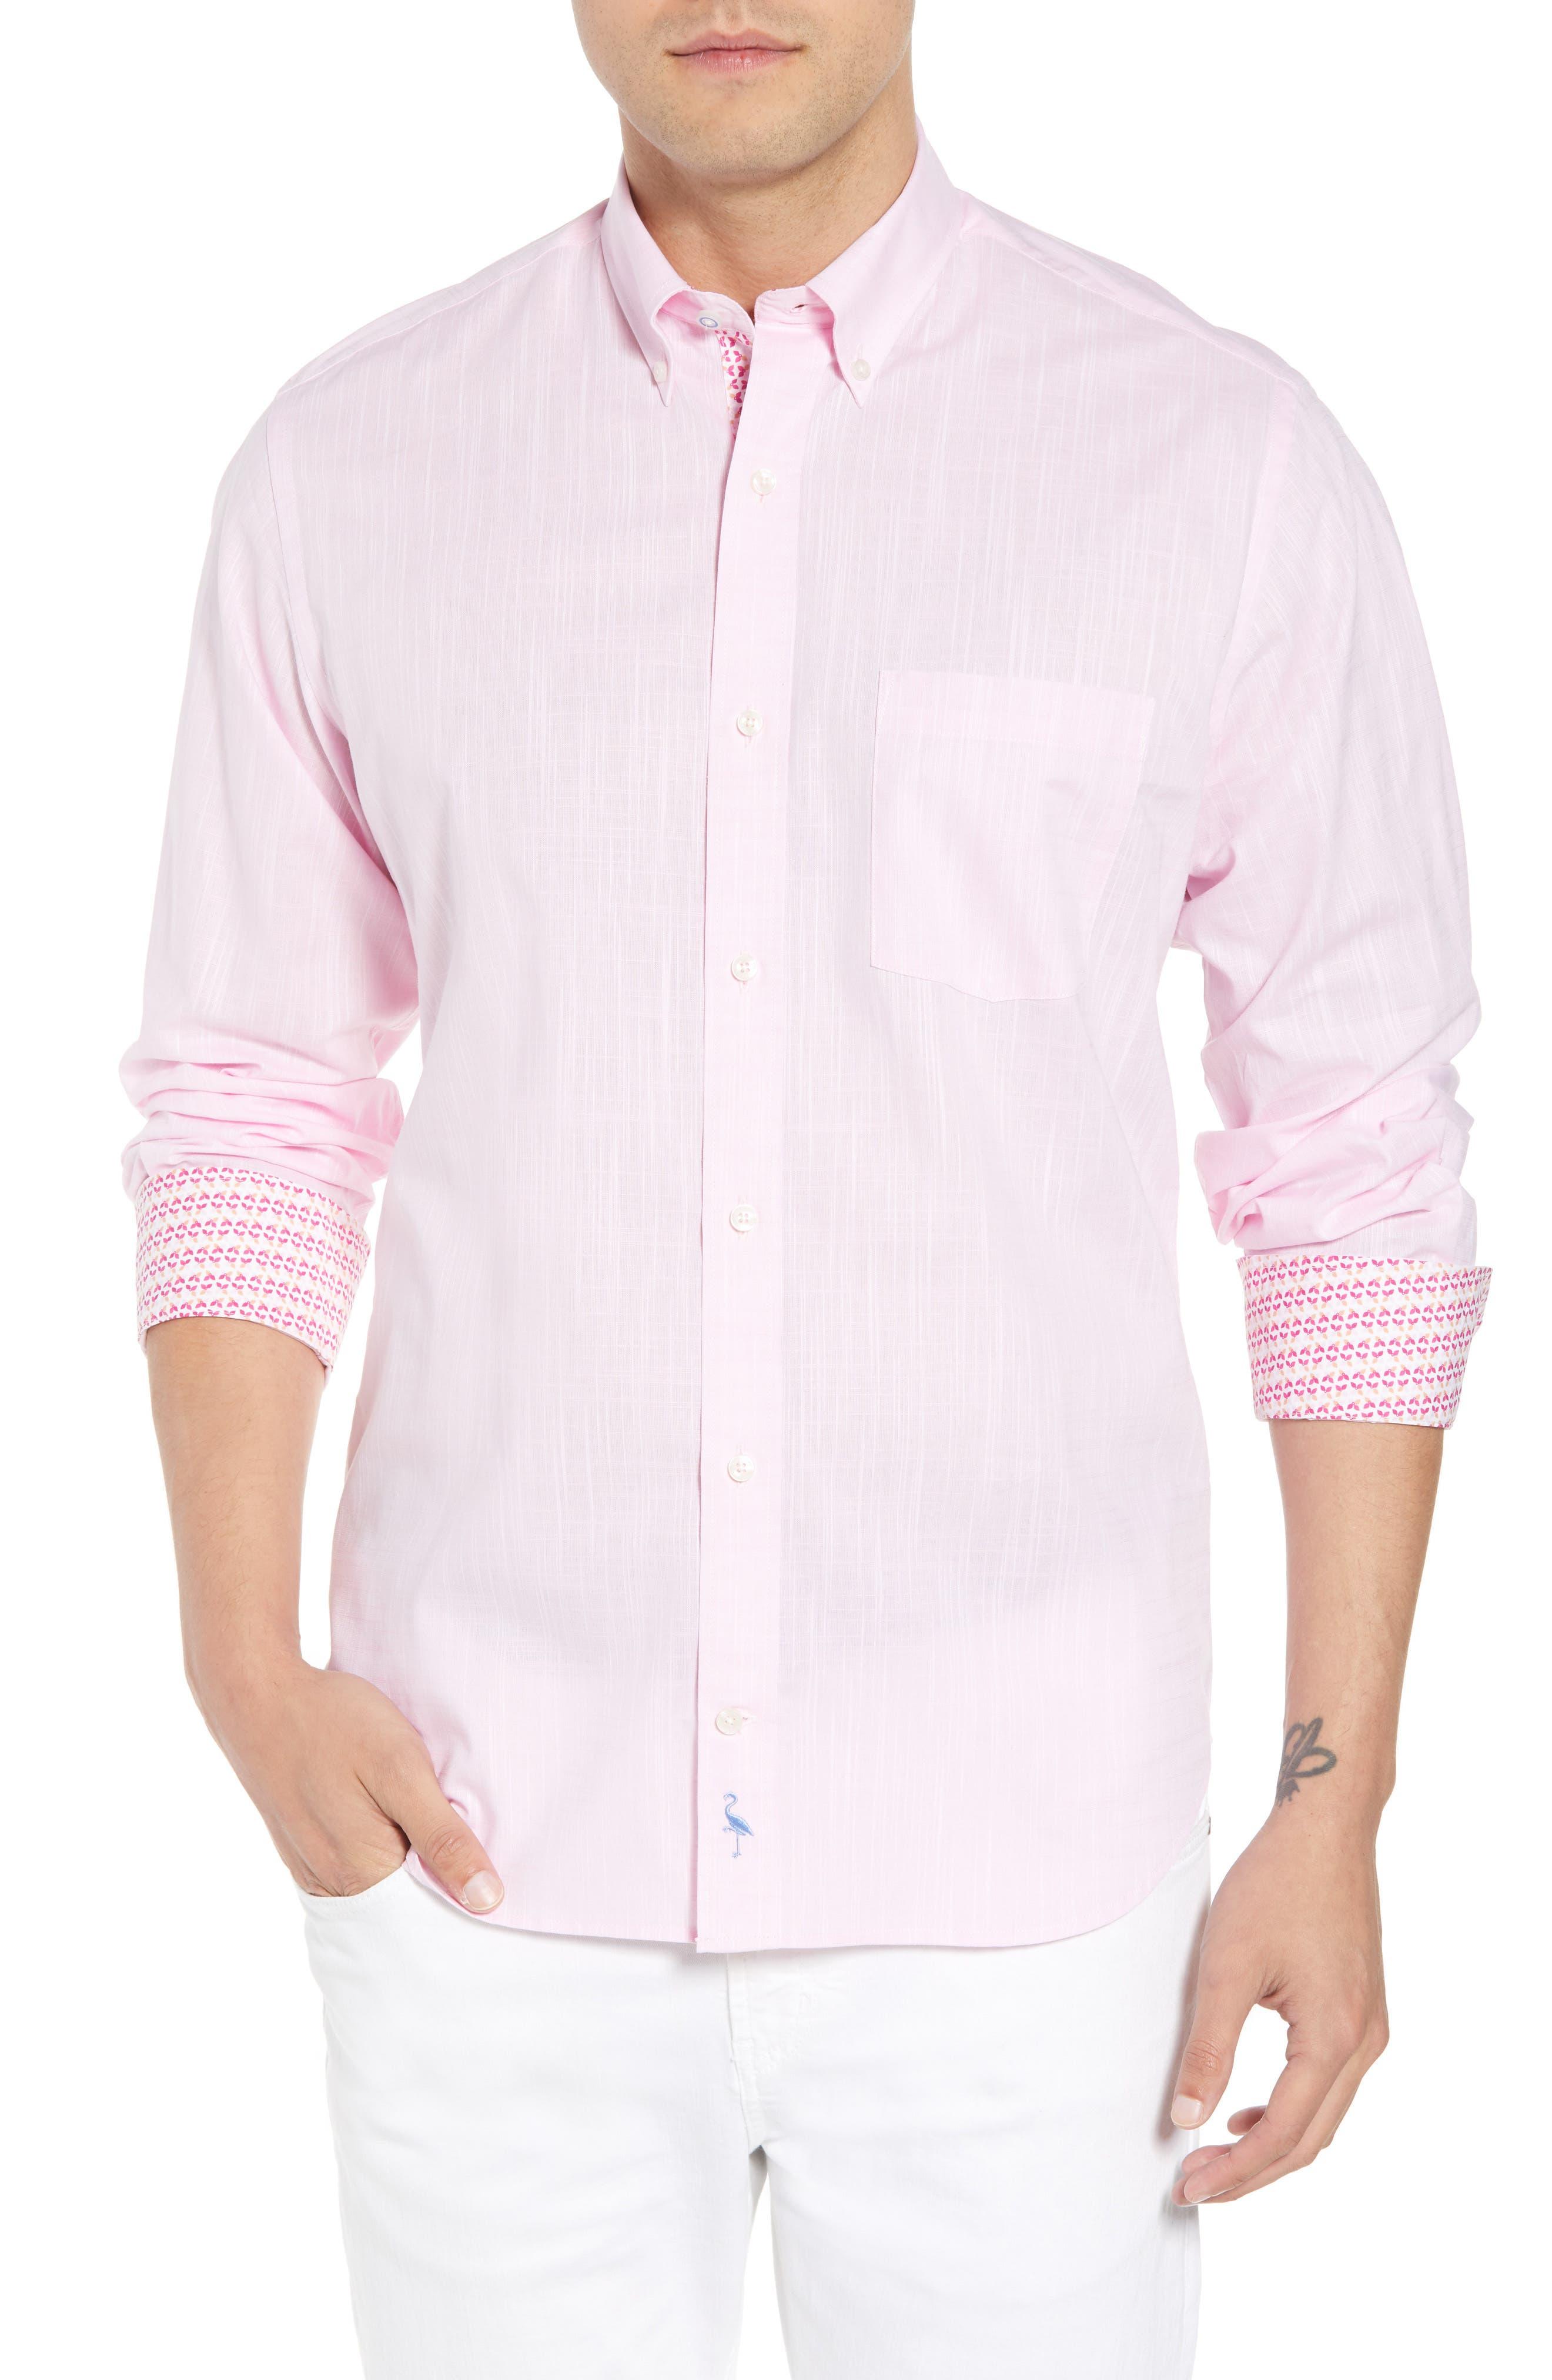 Kade Regular Fit Sport Shirt,                             Main thumbnail 1, color,                             Pink